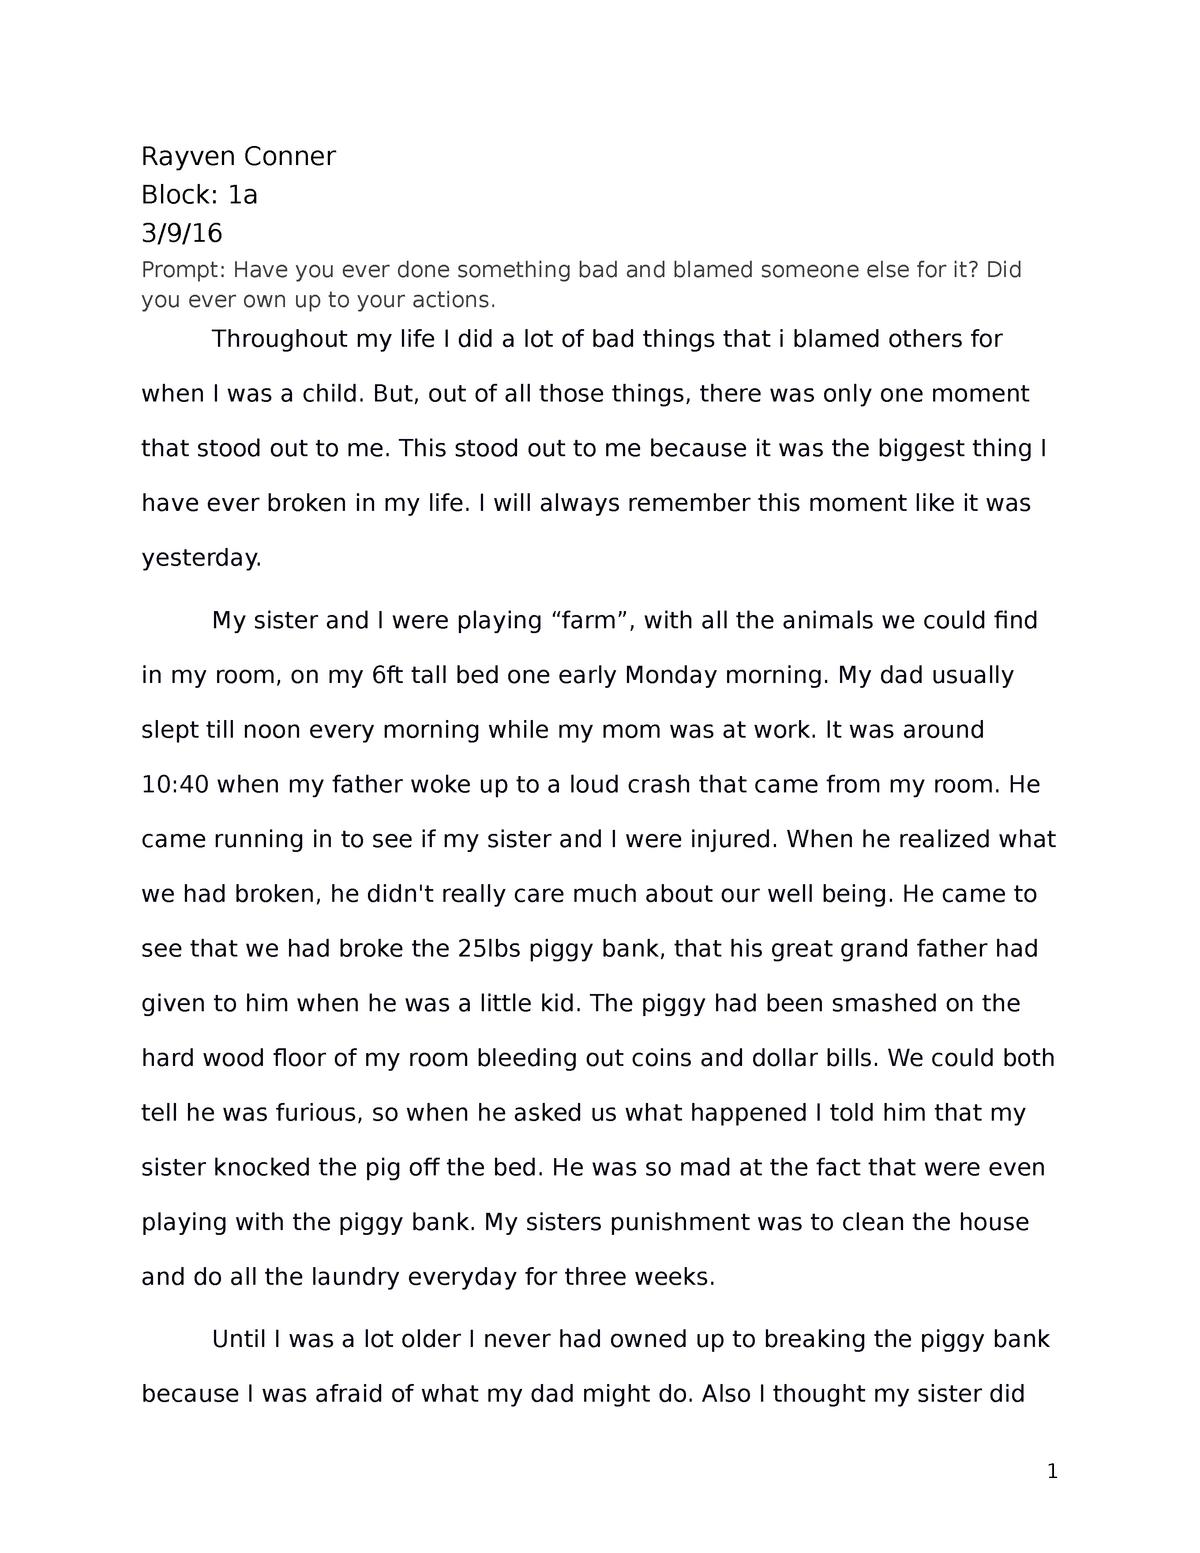 Monster Calls #3 - Basic English ENGL 099 - StuDocu